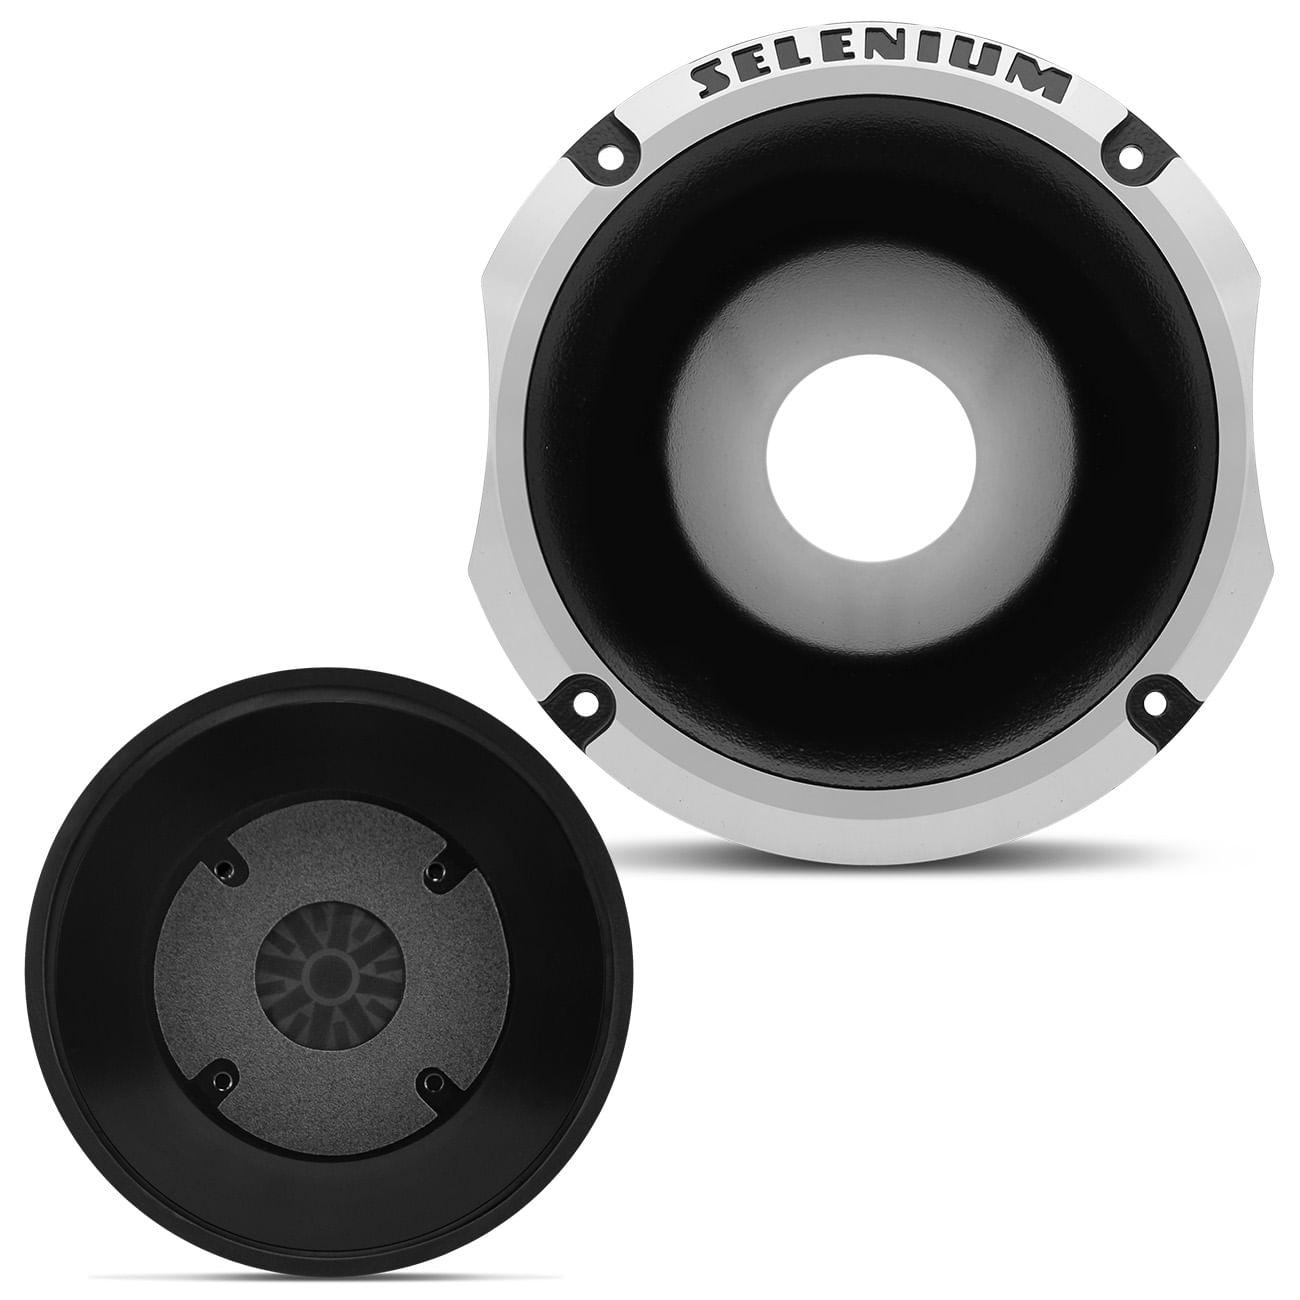 Kit 4 Drivers JBL Selenium D405 400W + 4 Cornetas Curtas Preto e Cromado